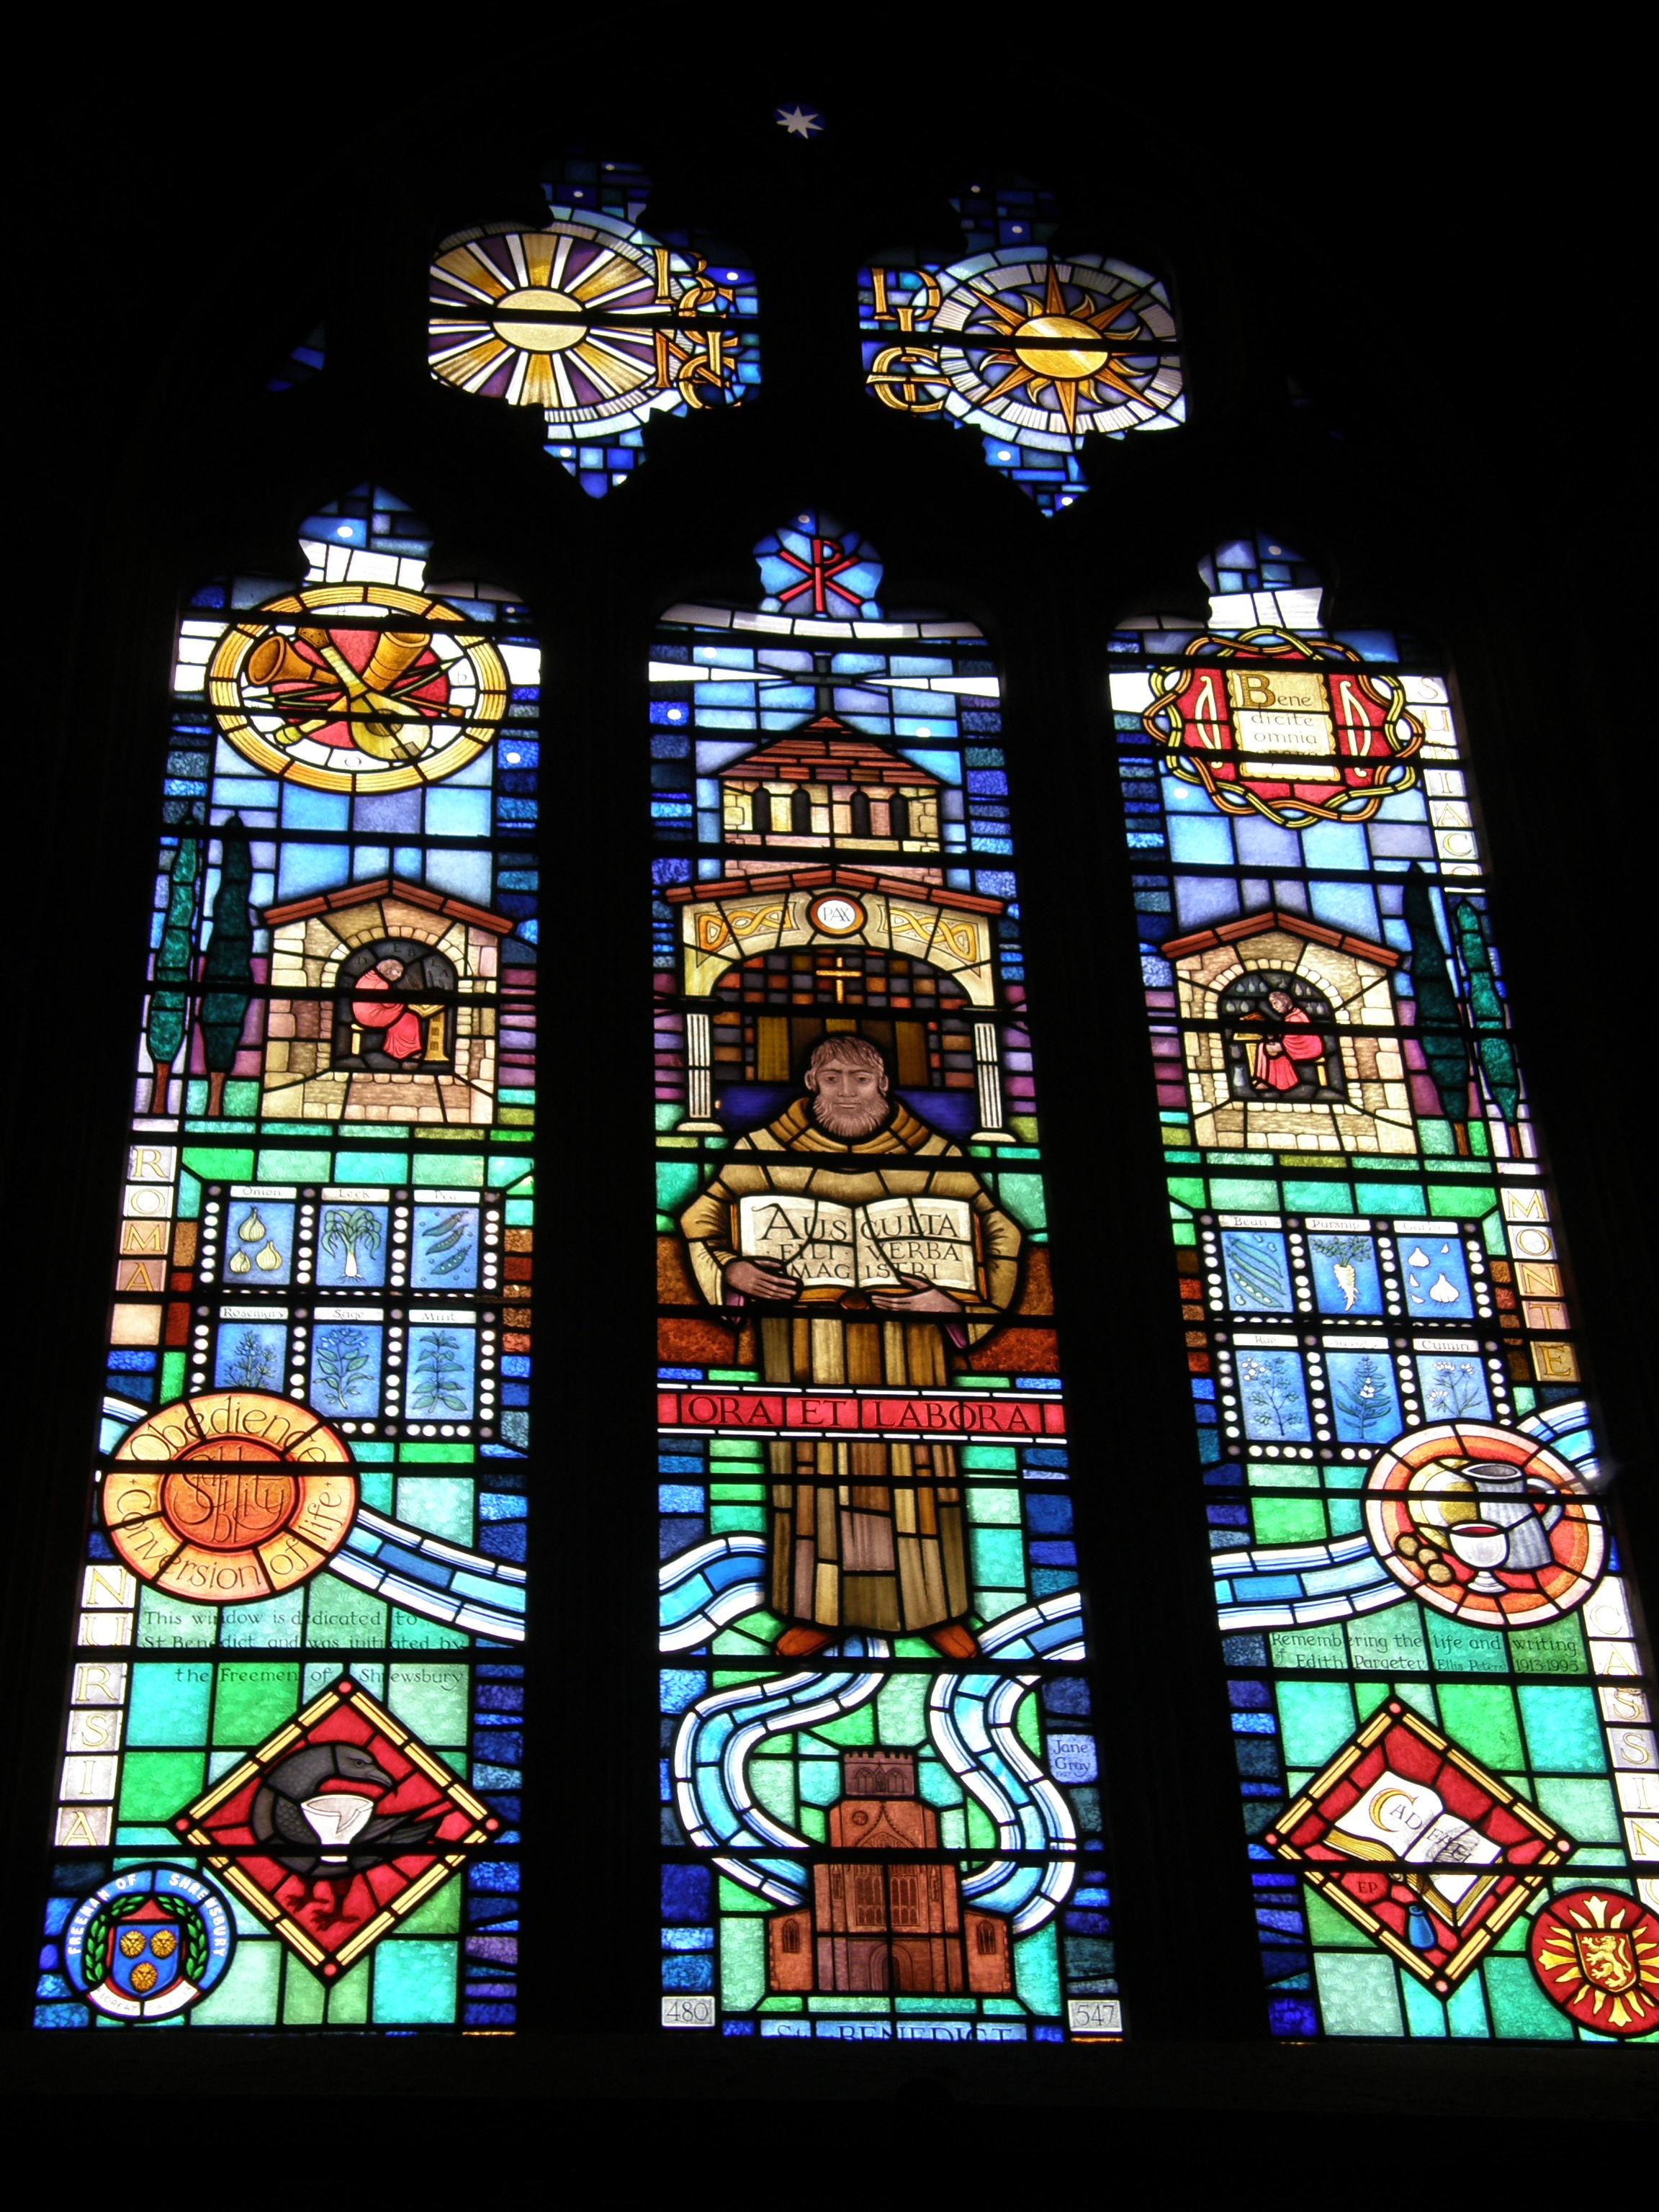 Brother Cadfael Window, Shrewsbury Abbey Church